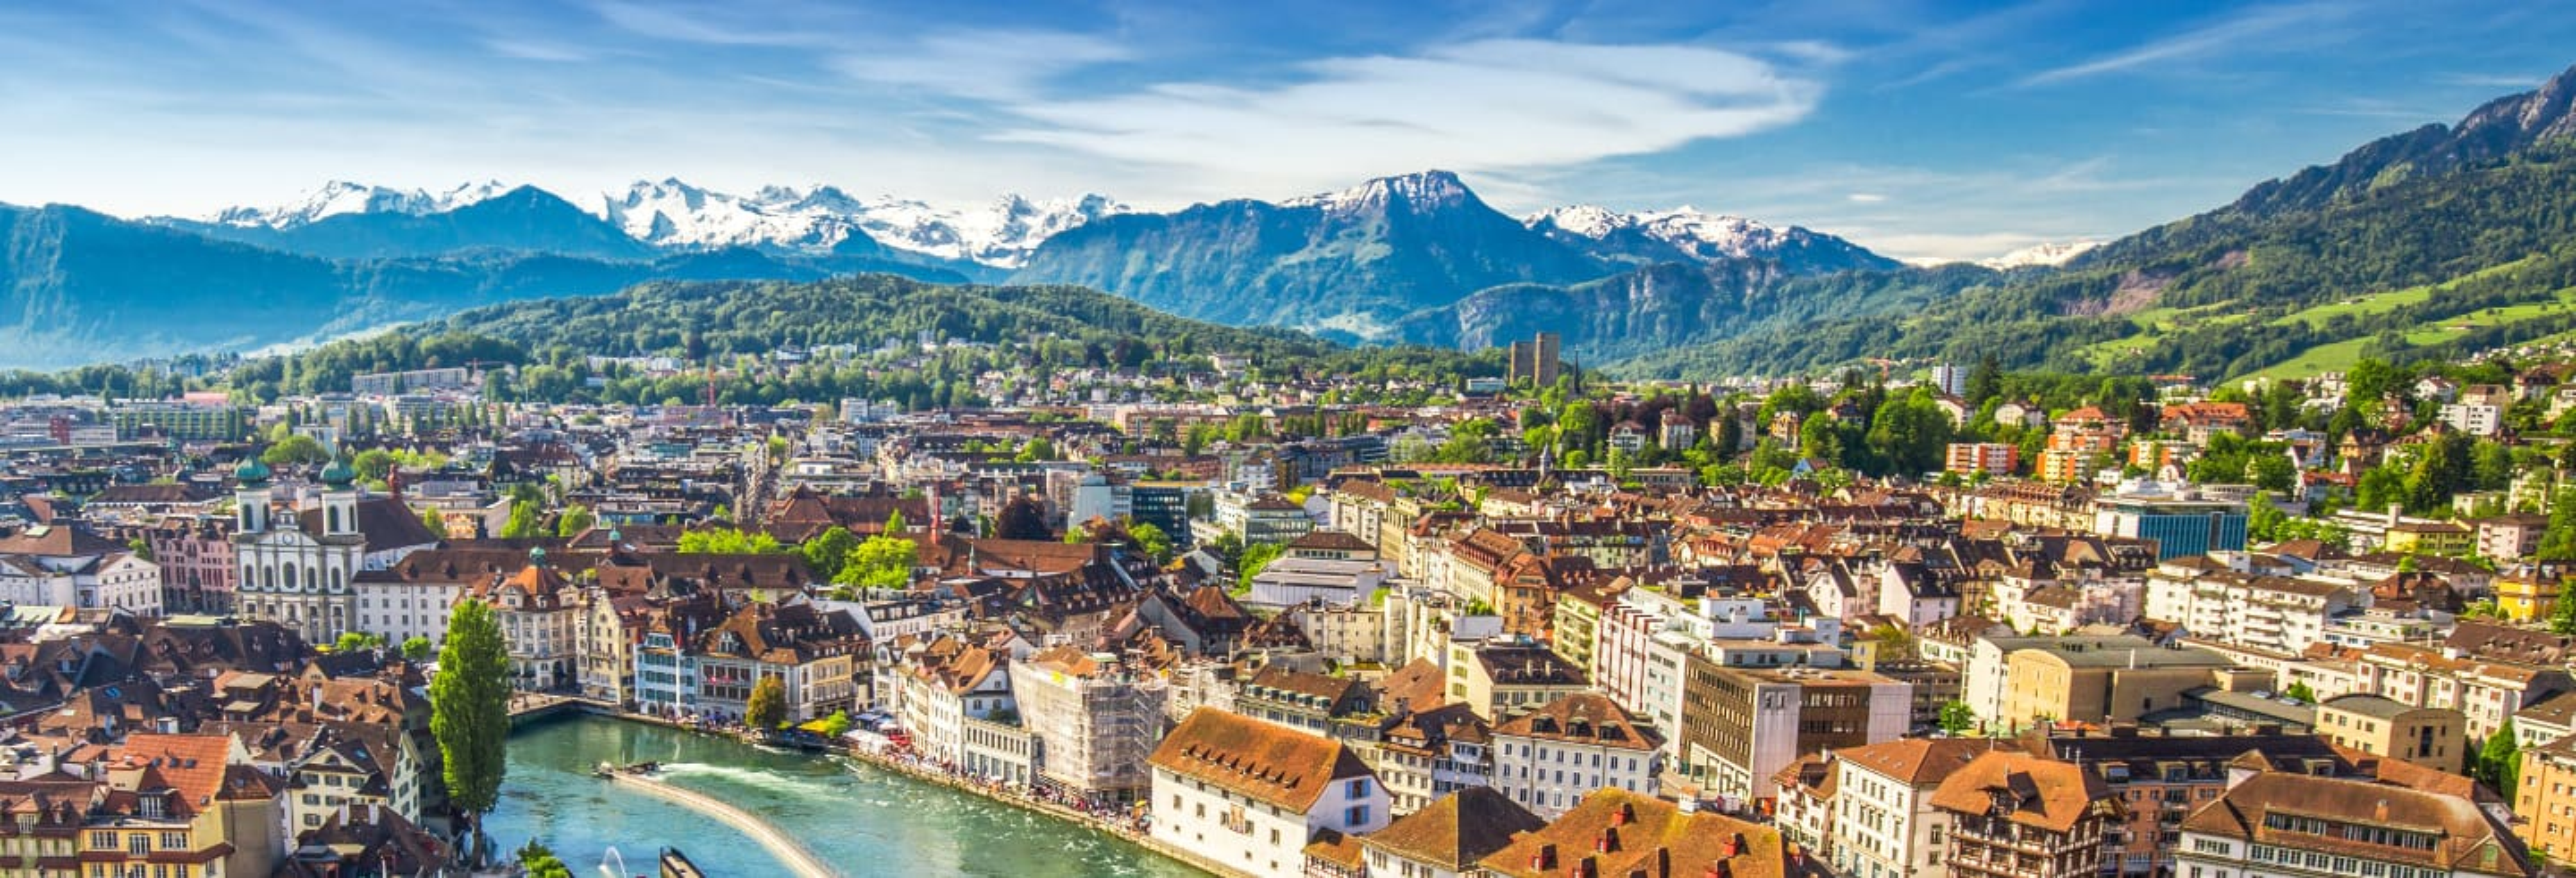 Escursione a Lucerna